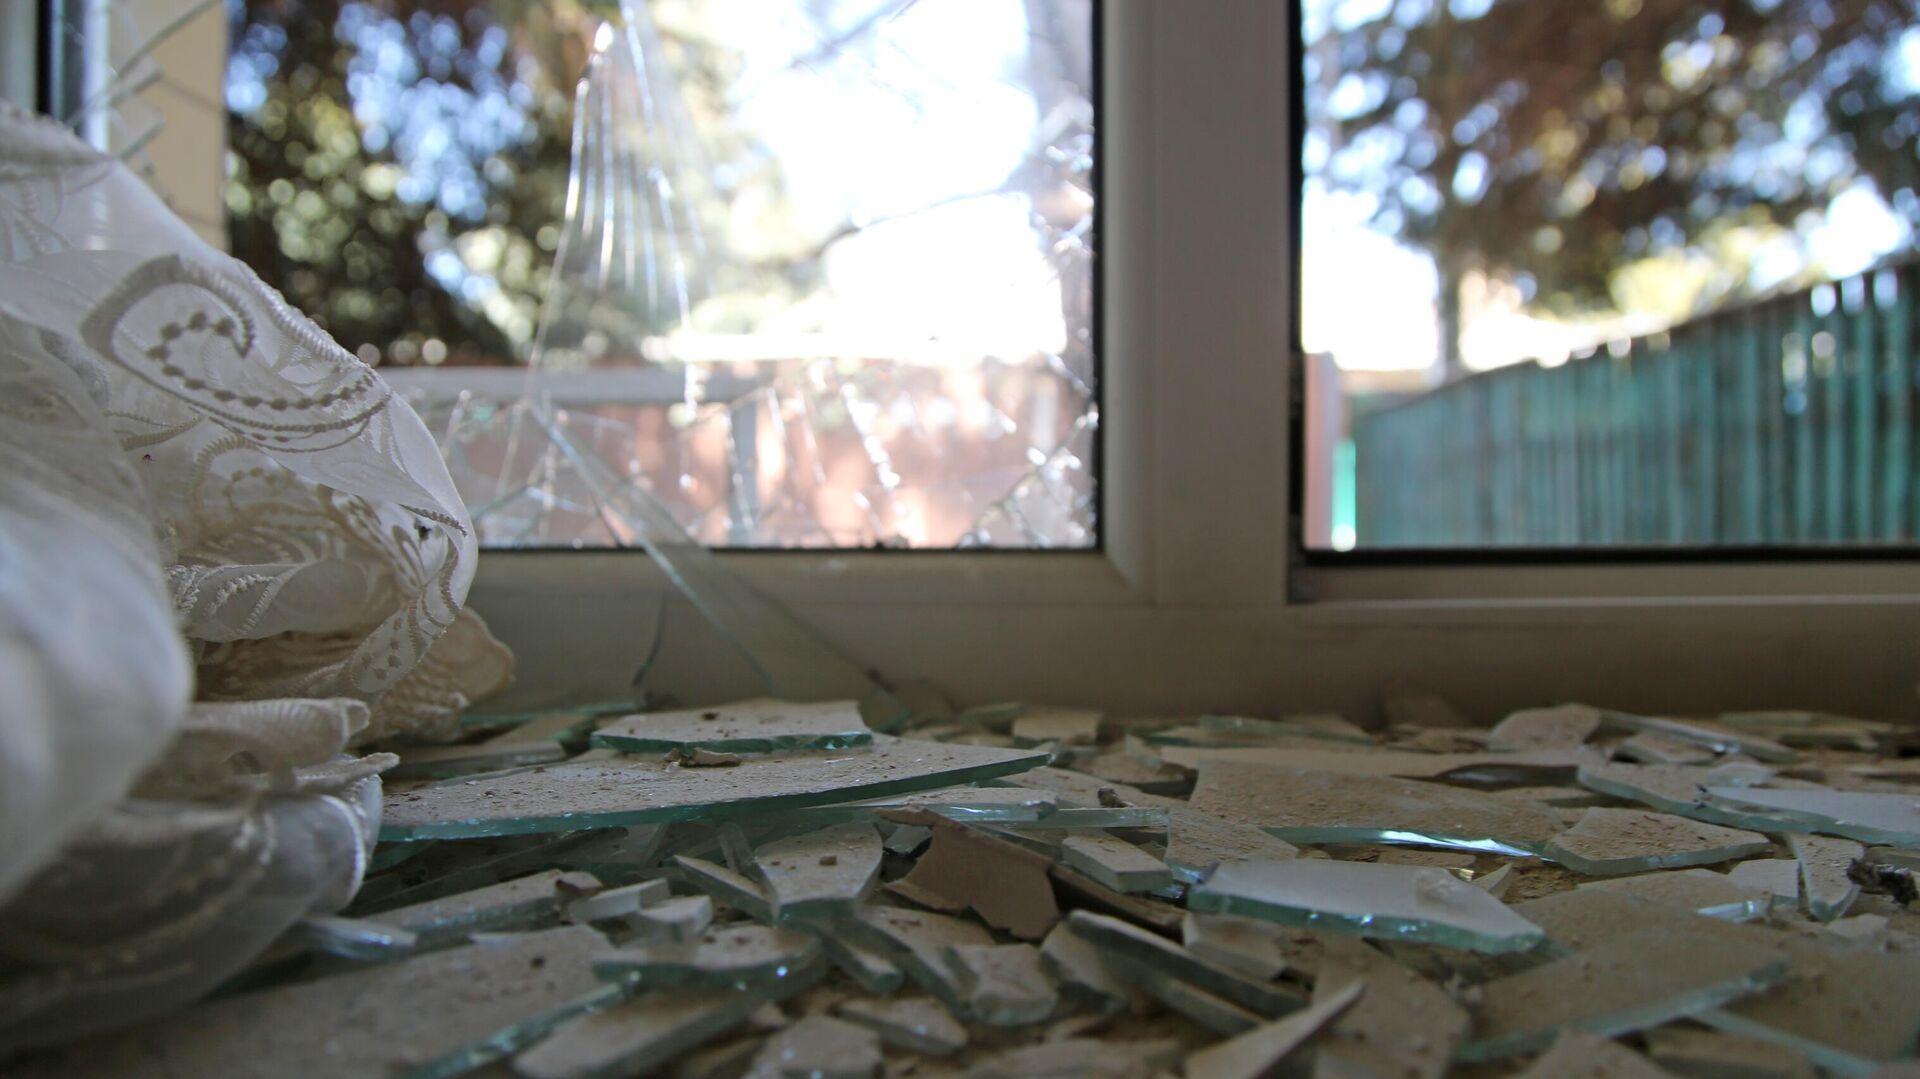 Разбитое окно дома, поврежденное разрывом снаряда в результате обстрела в Петровском районе Донецка - РИА Новости, 1920, 21.06.2021